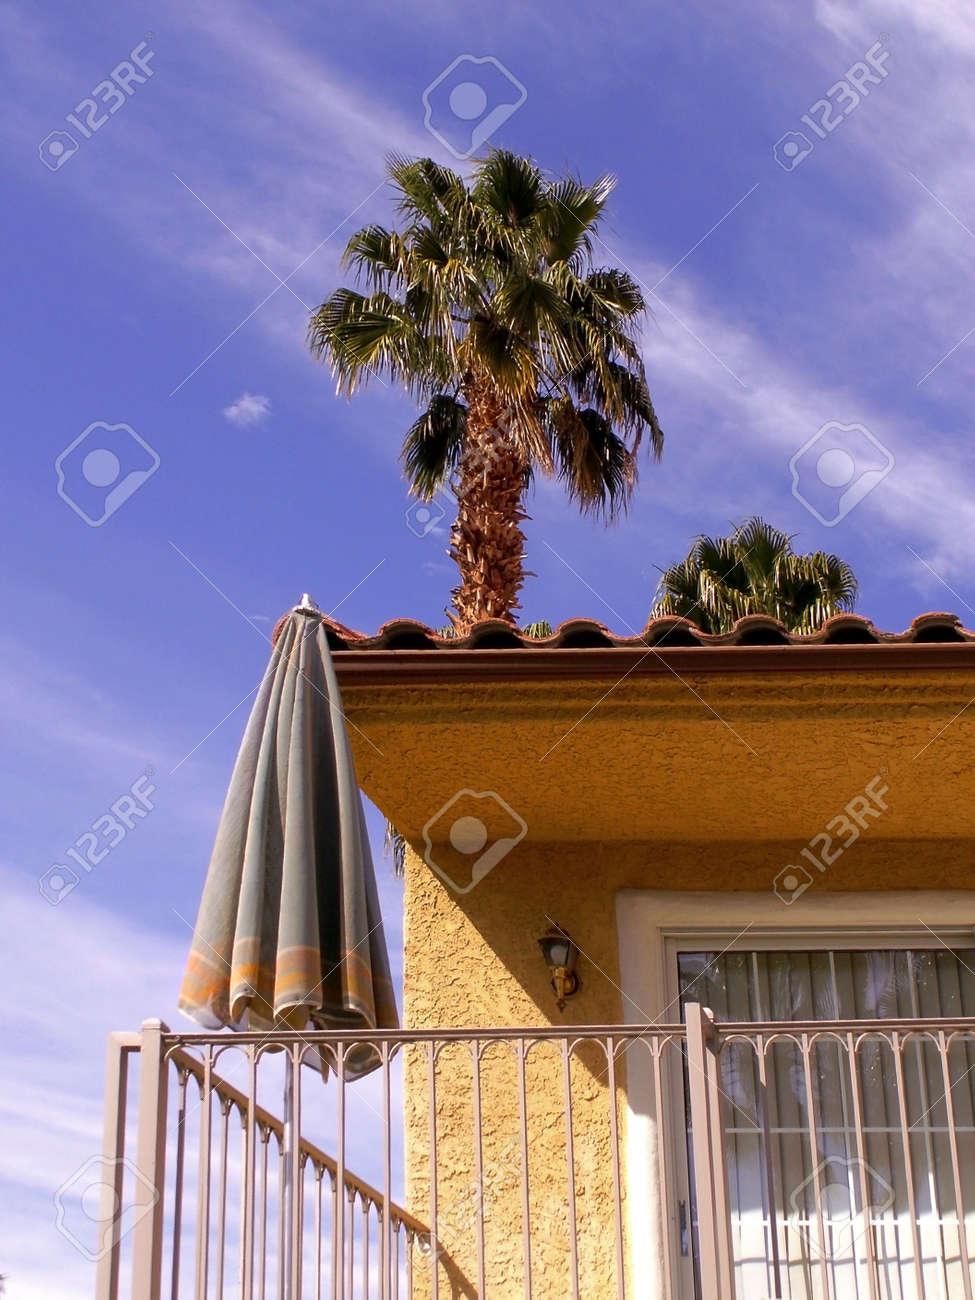 Tall Palm árbol Se Eleva Por Encima De Casa De Estilo Español Con Pequeña Terraza Y El Cuadro General